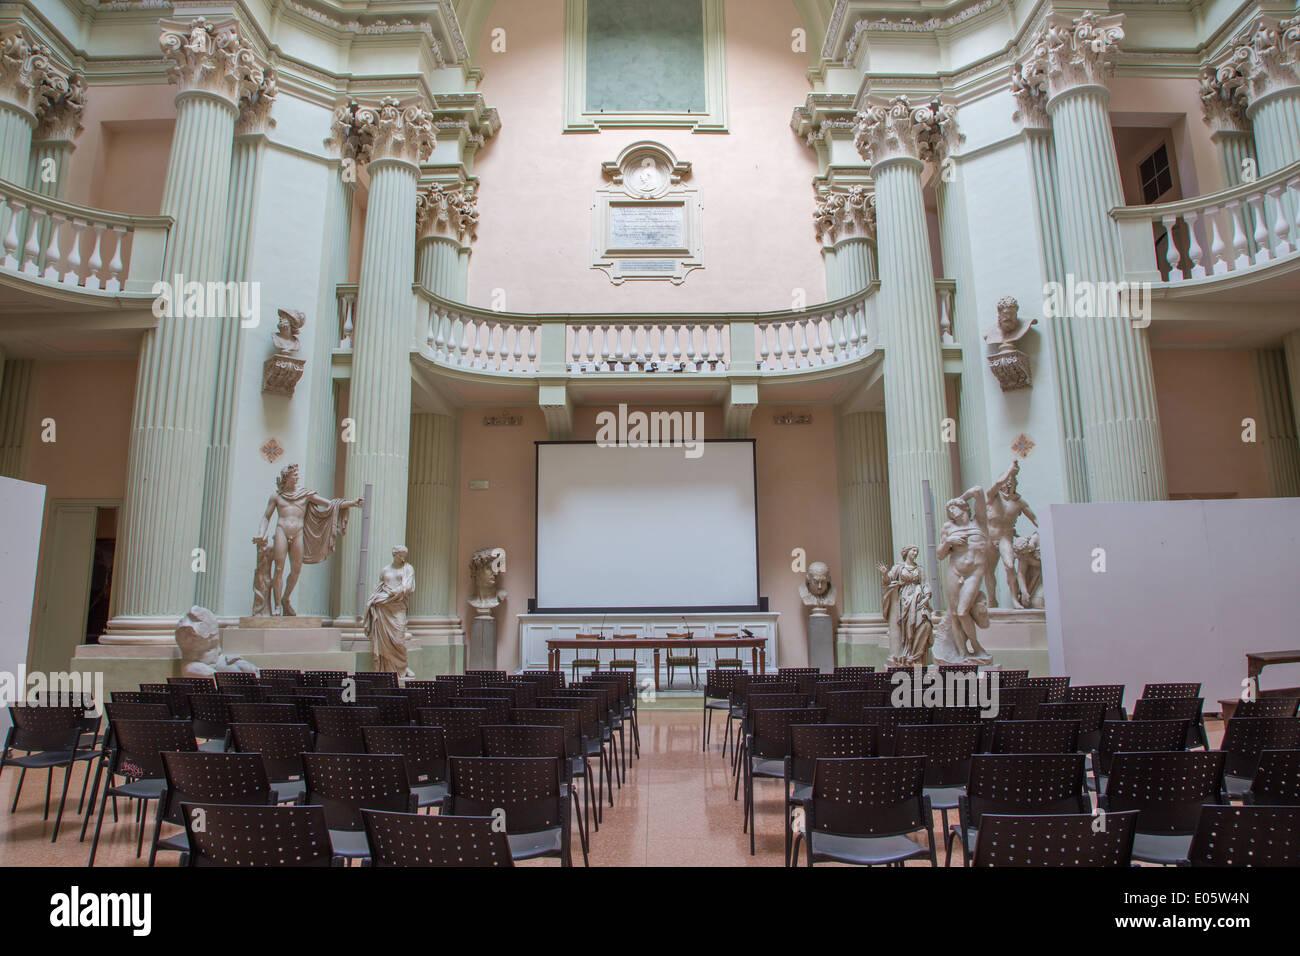 BOLOGNA, Italia - 17 Marzo 2014: Aula dell 'Accademia di Belle Arti di Bologna Immagini Stock